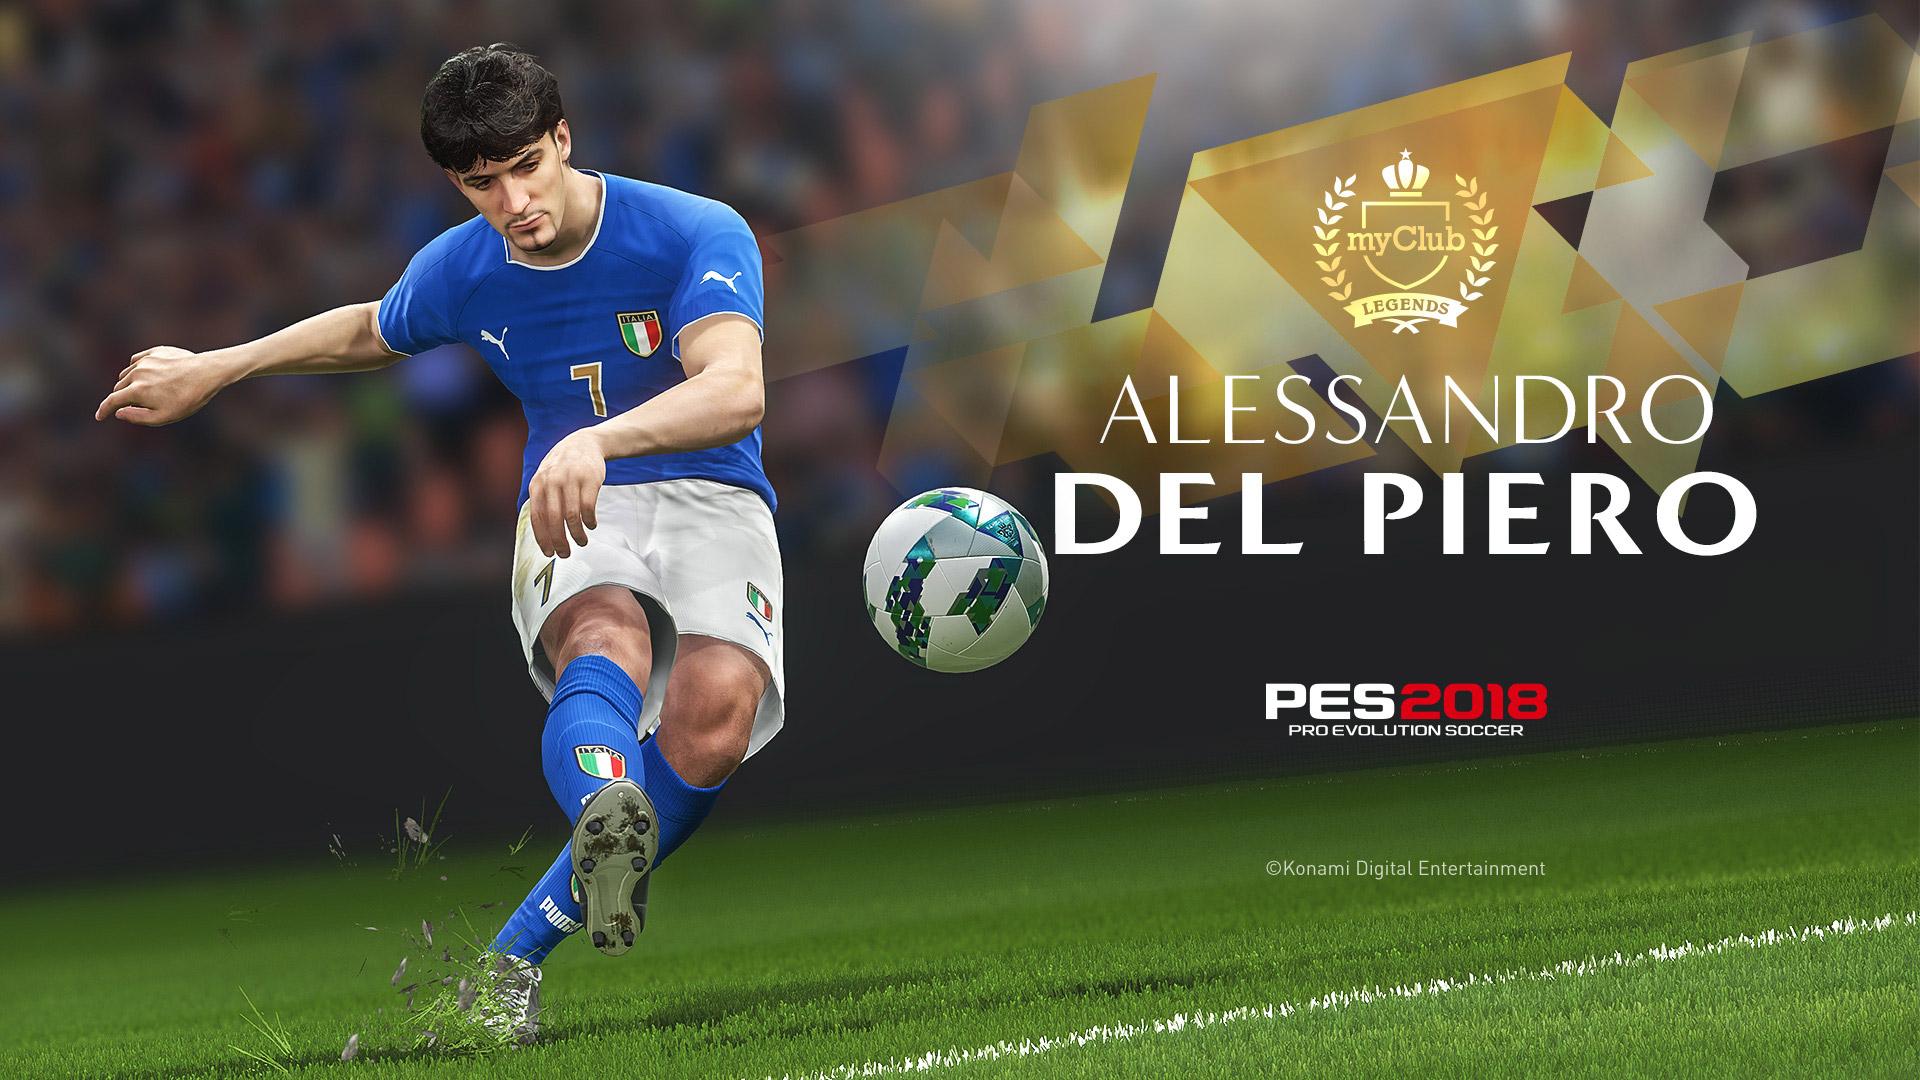 Pes 2018 Test Release Lizenzen Deutsche Teams Alle Infos Sony Ps4 Pro Evolution Soccer Premium Edition Reklame Jetzt Bei Amazon Bestellen 61 Bilder Quelle Konami